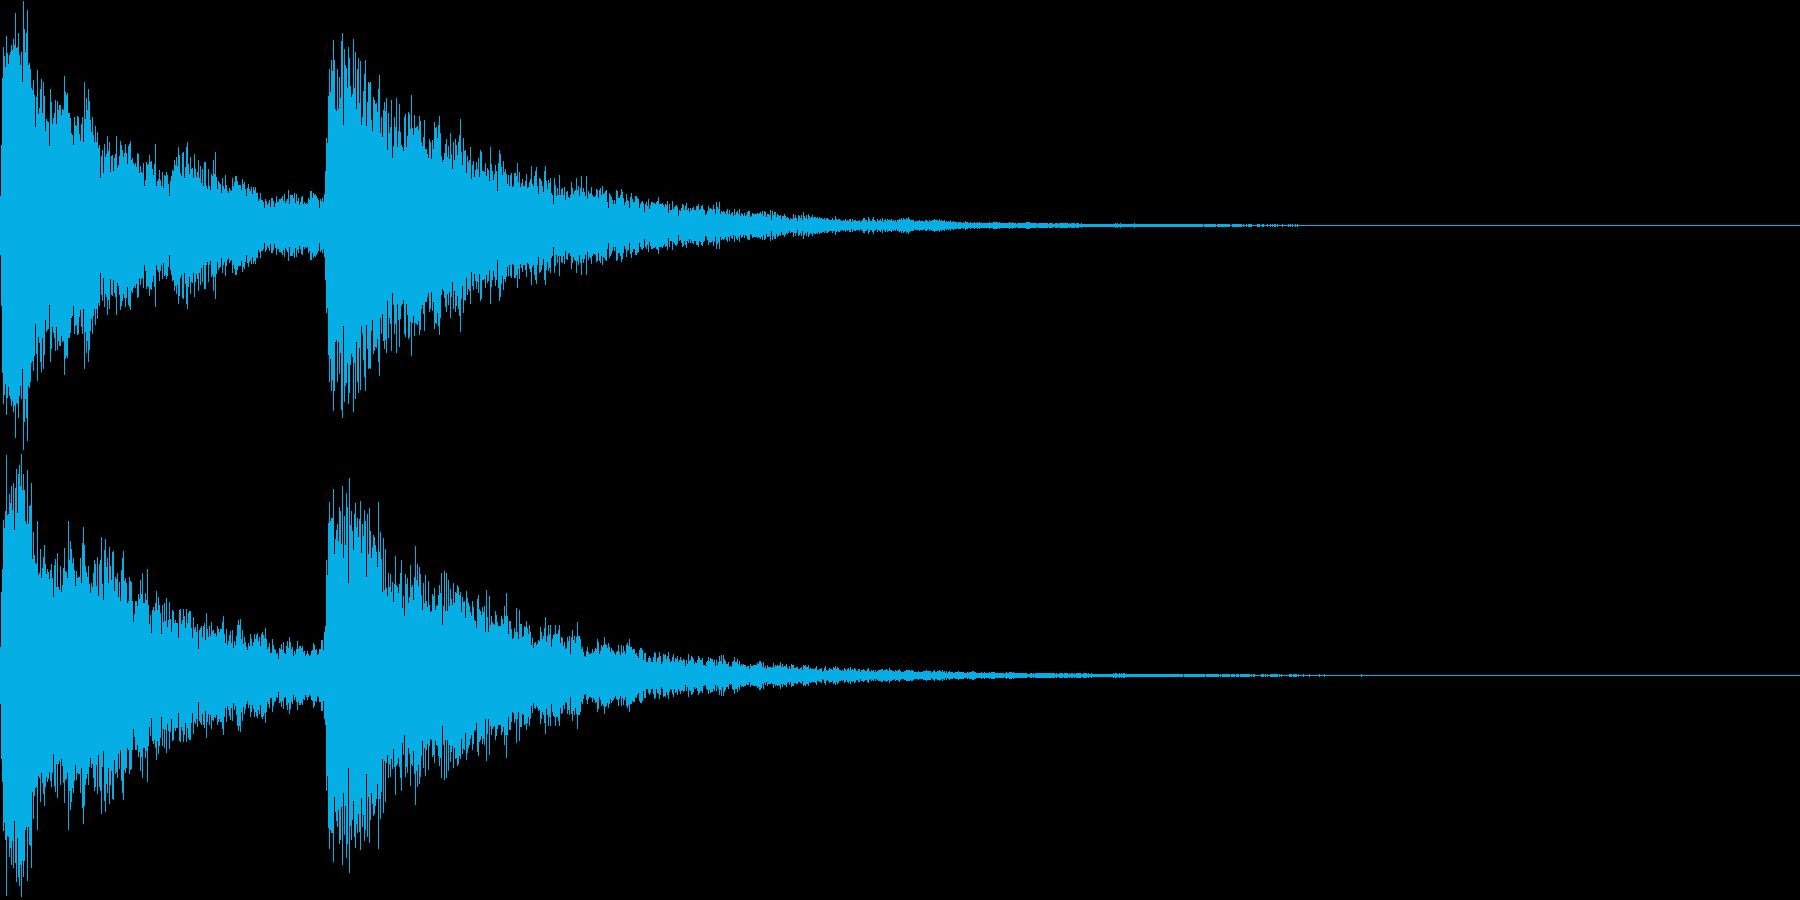 場面転換のキラキラチャイム Aの再生済みの波形